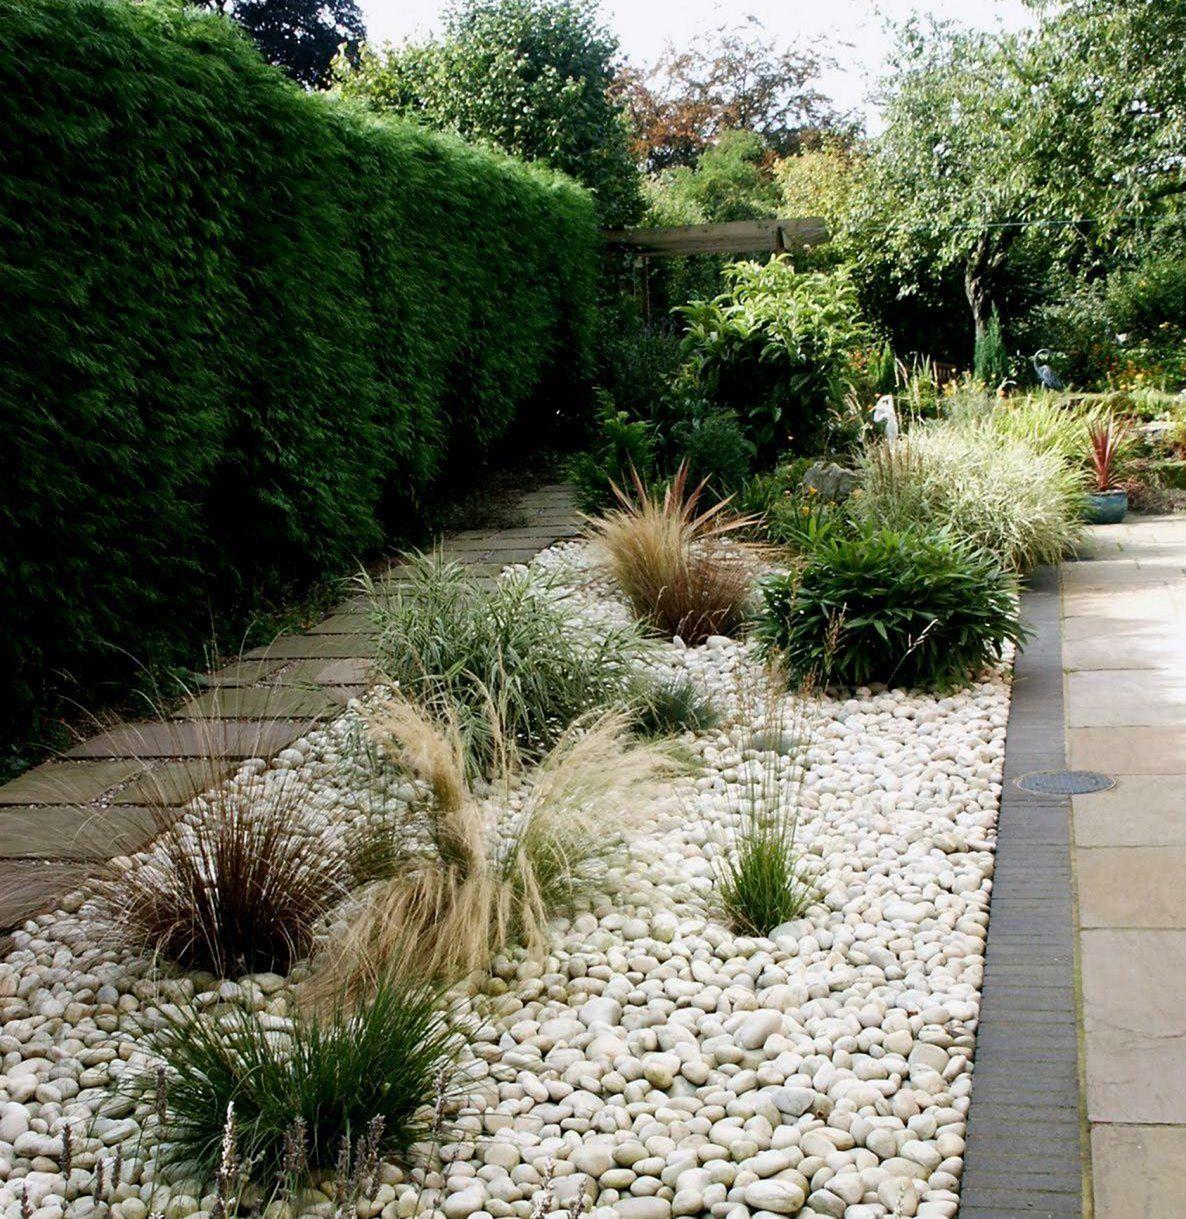 8 Best White Gravel Landscaping Design Ideas Trend 2020 White Pebble Garden Pebble Garden Landscaping With Rocks